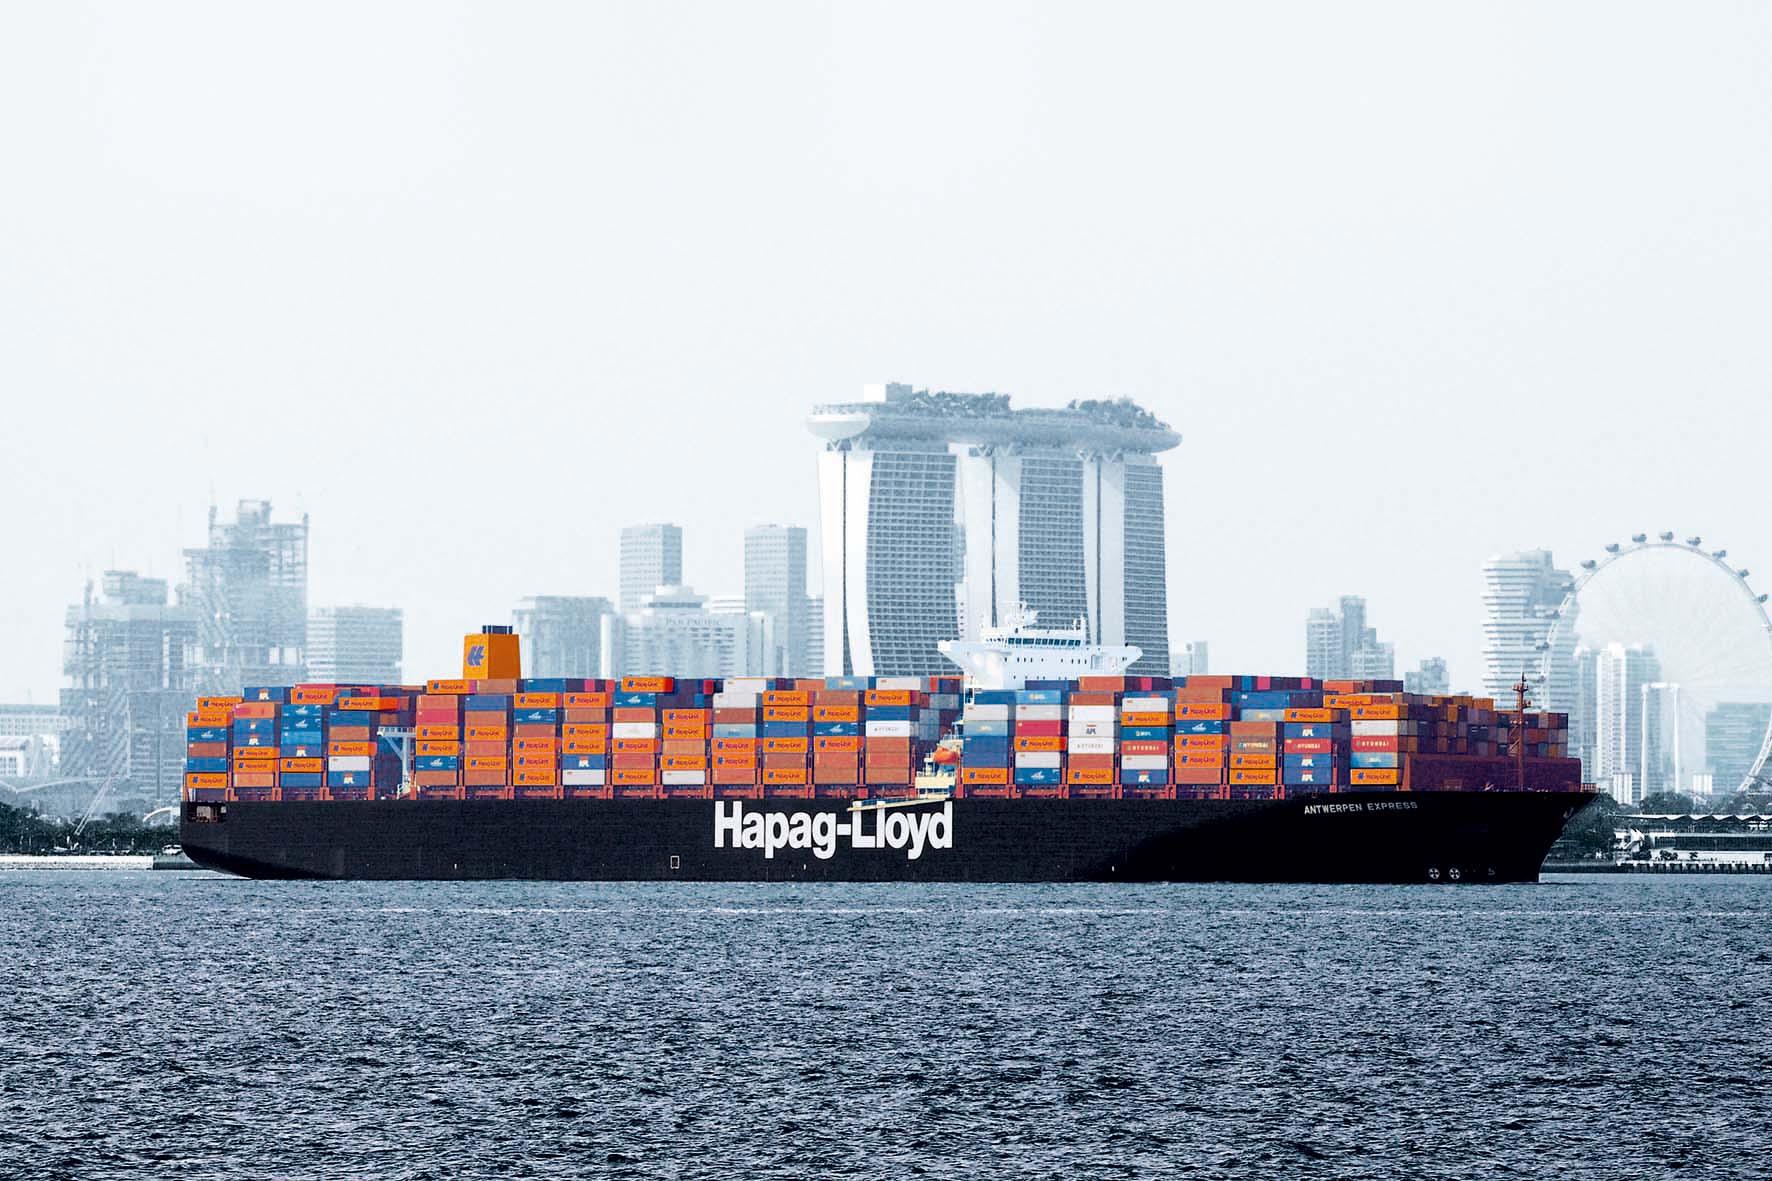 Zamówili sześć kontenerowców wielkich jak ten winny blokadzie Kanału Sueskiego